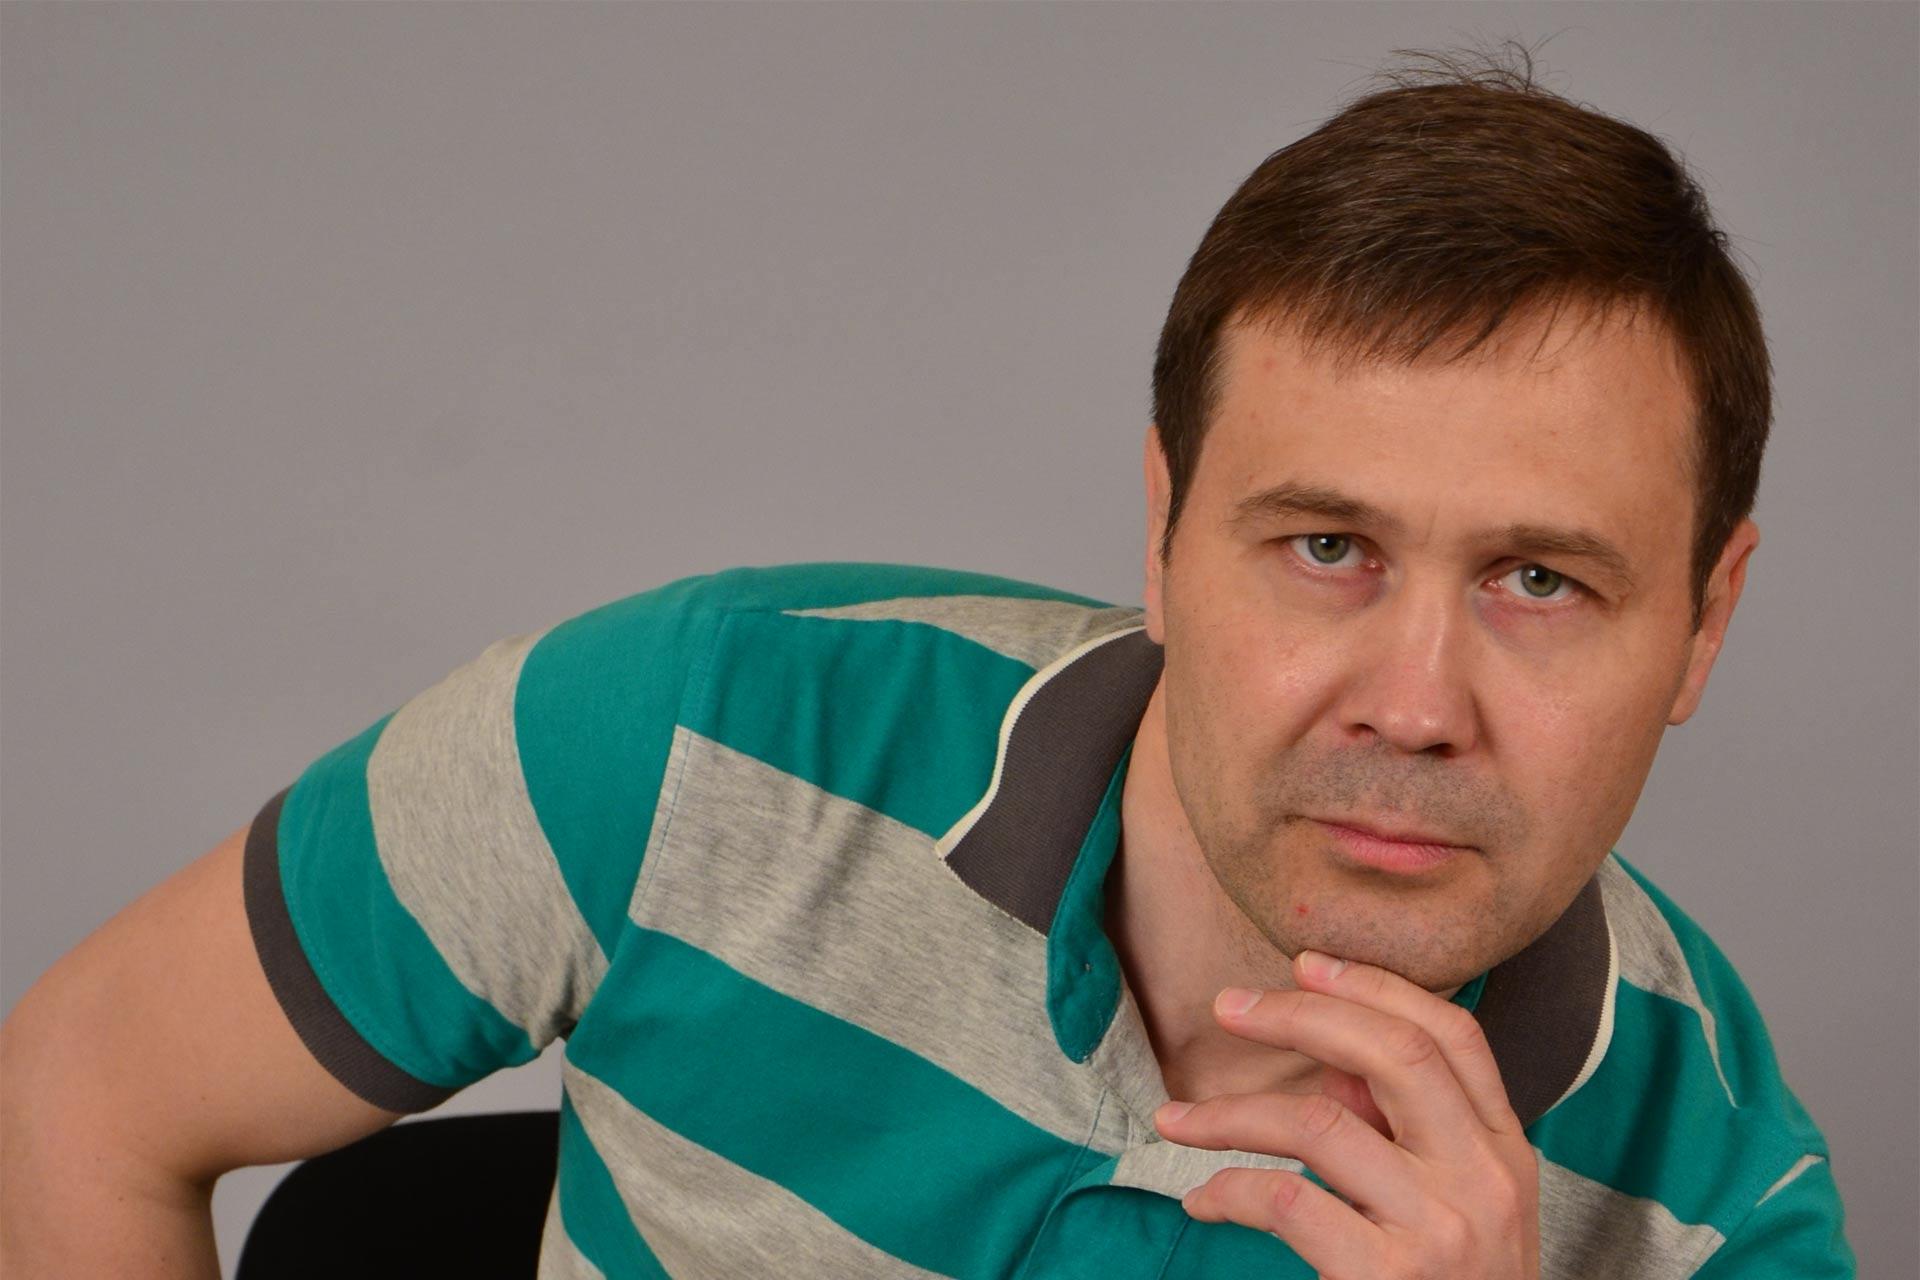 Мустафин Айрат. Бизнес-тренер, коуч-практик